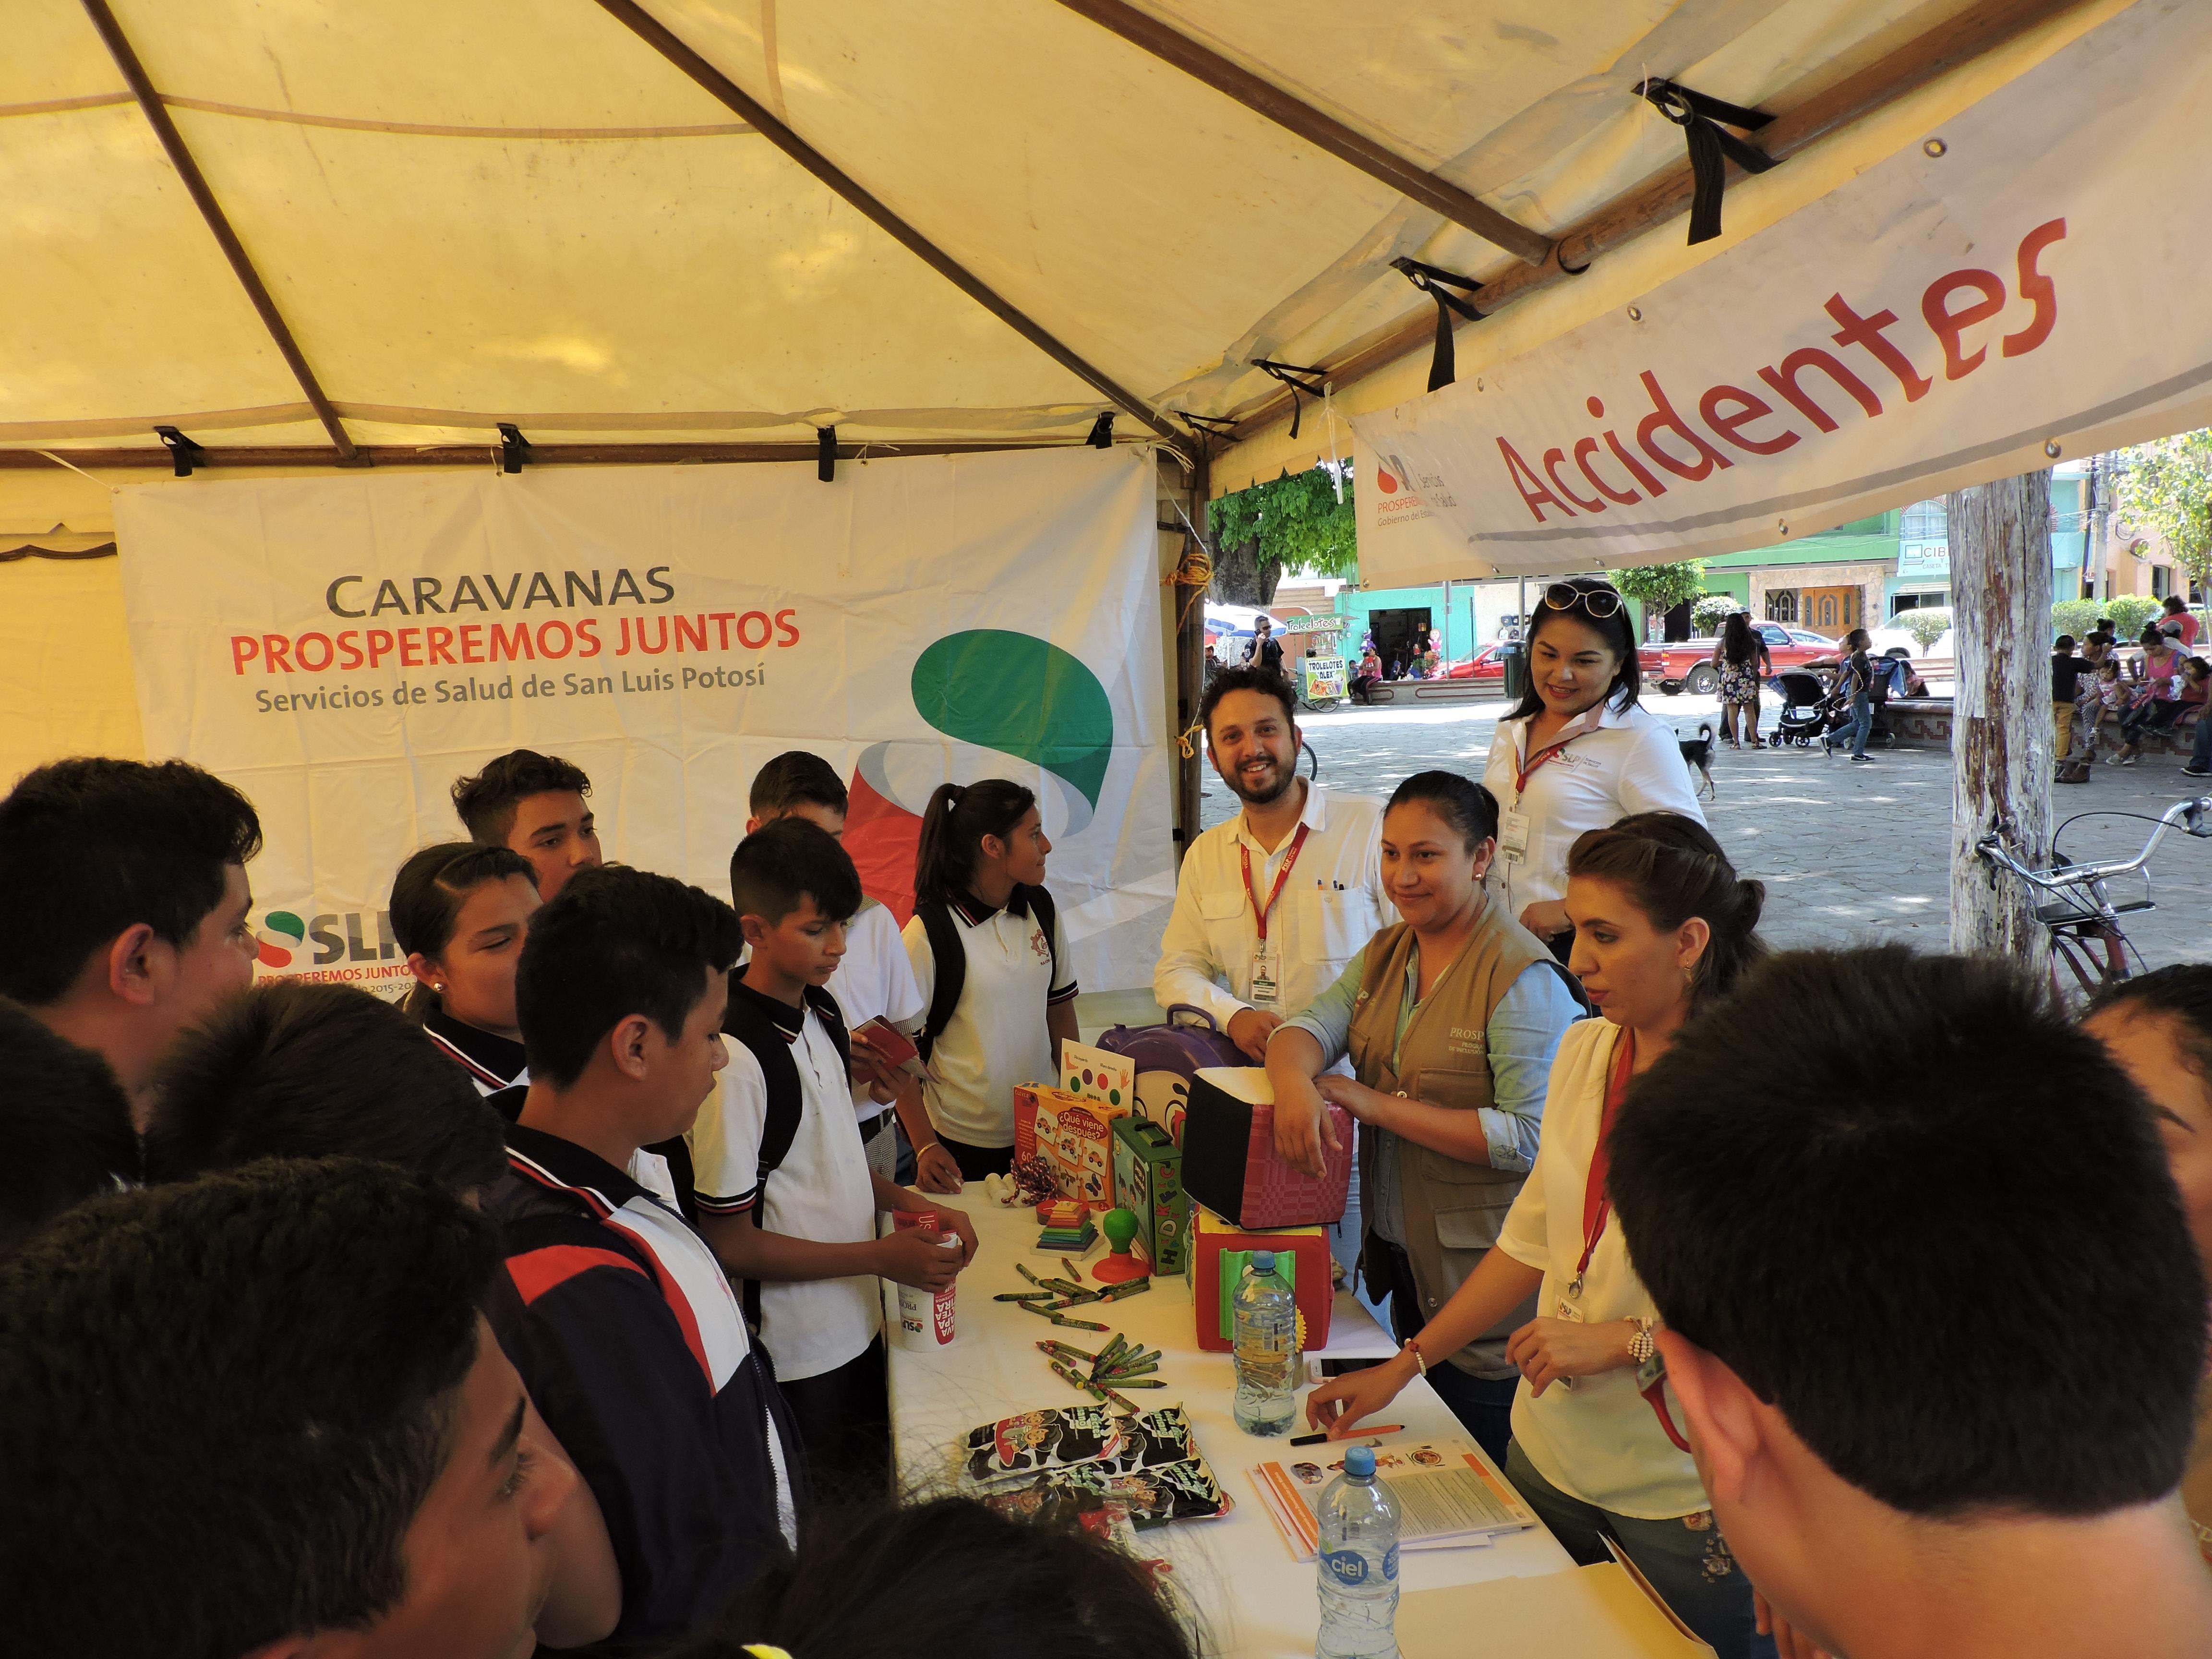 BRINDA LA SECRETARÍA DE SALUD ATENCIÓN A 112 MIL POTOSINOS A TRAVÉS DE LAS CARAVANAS PROSPEREMOS JUNTOS.